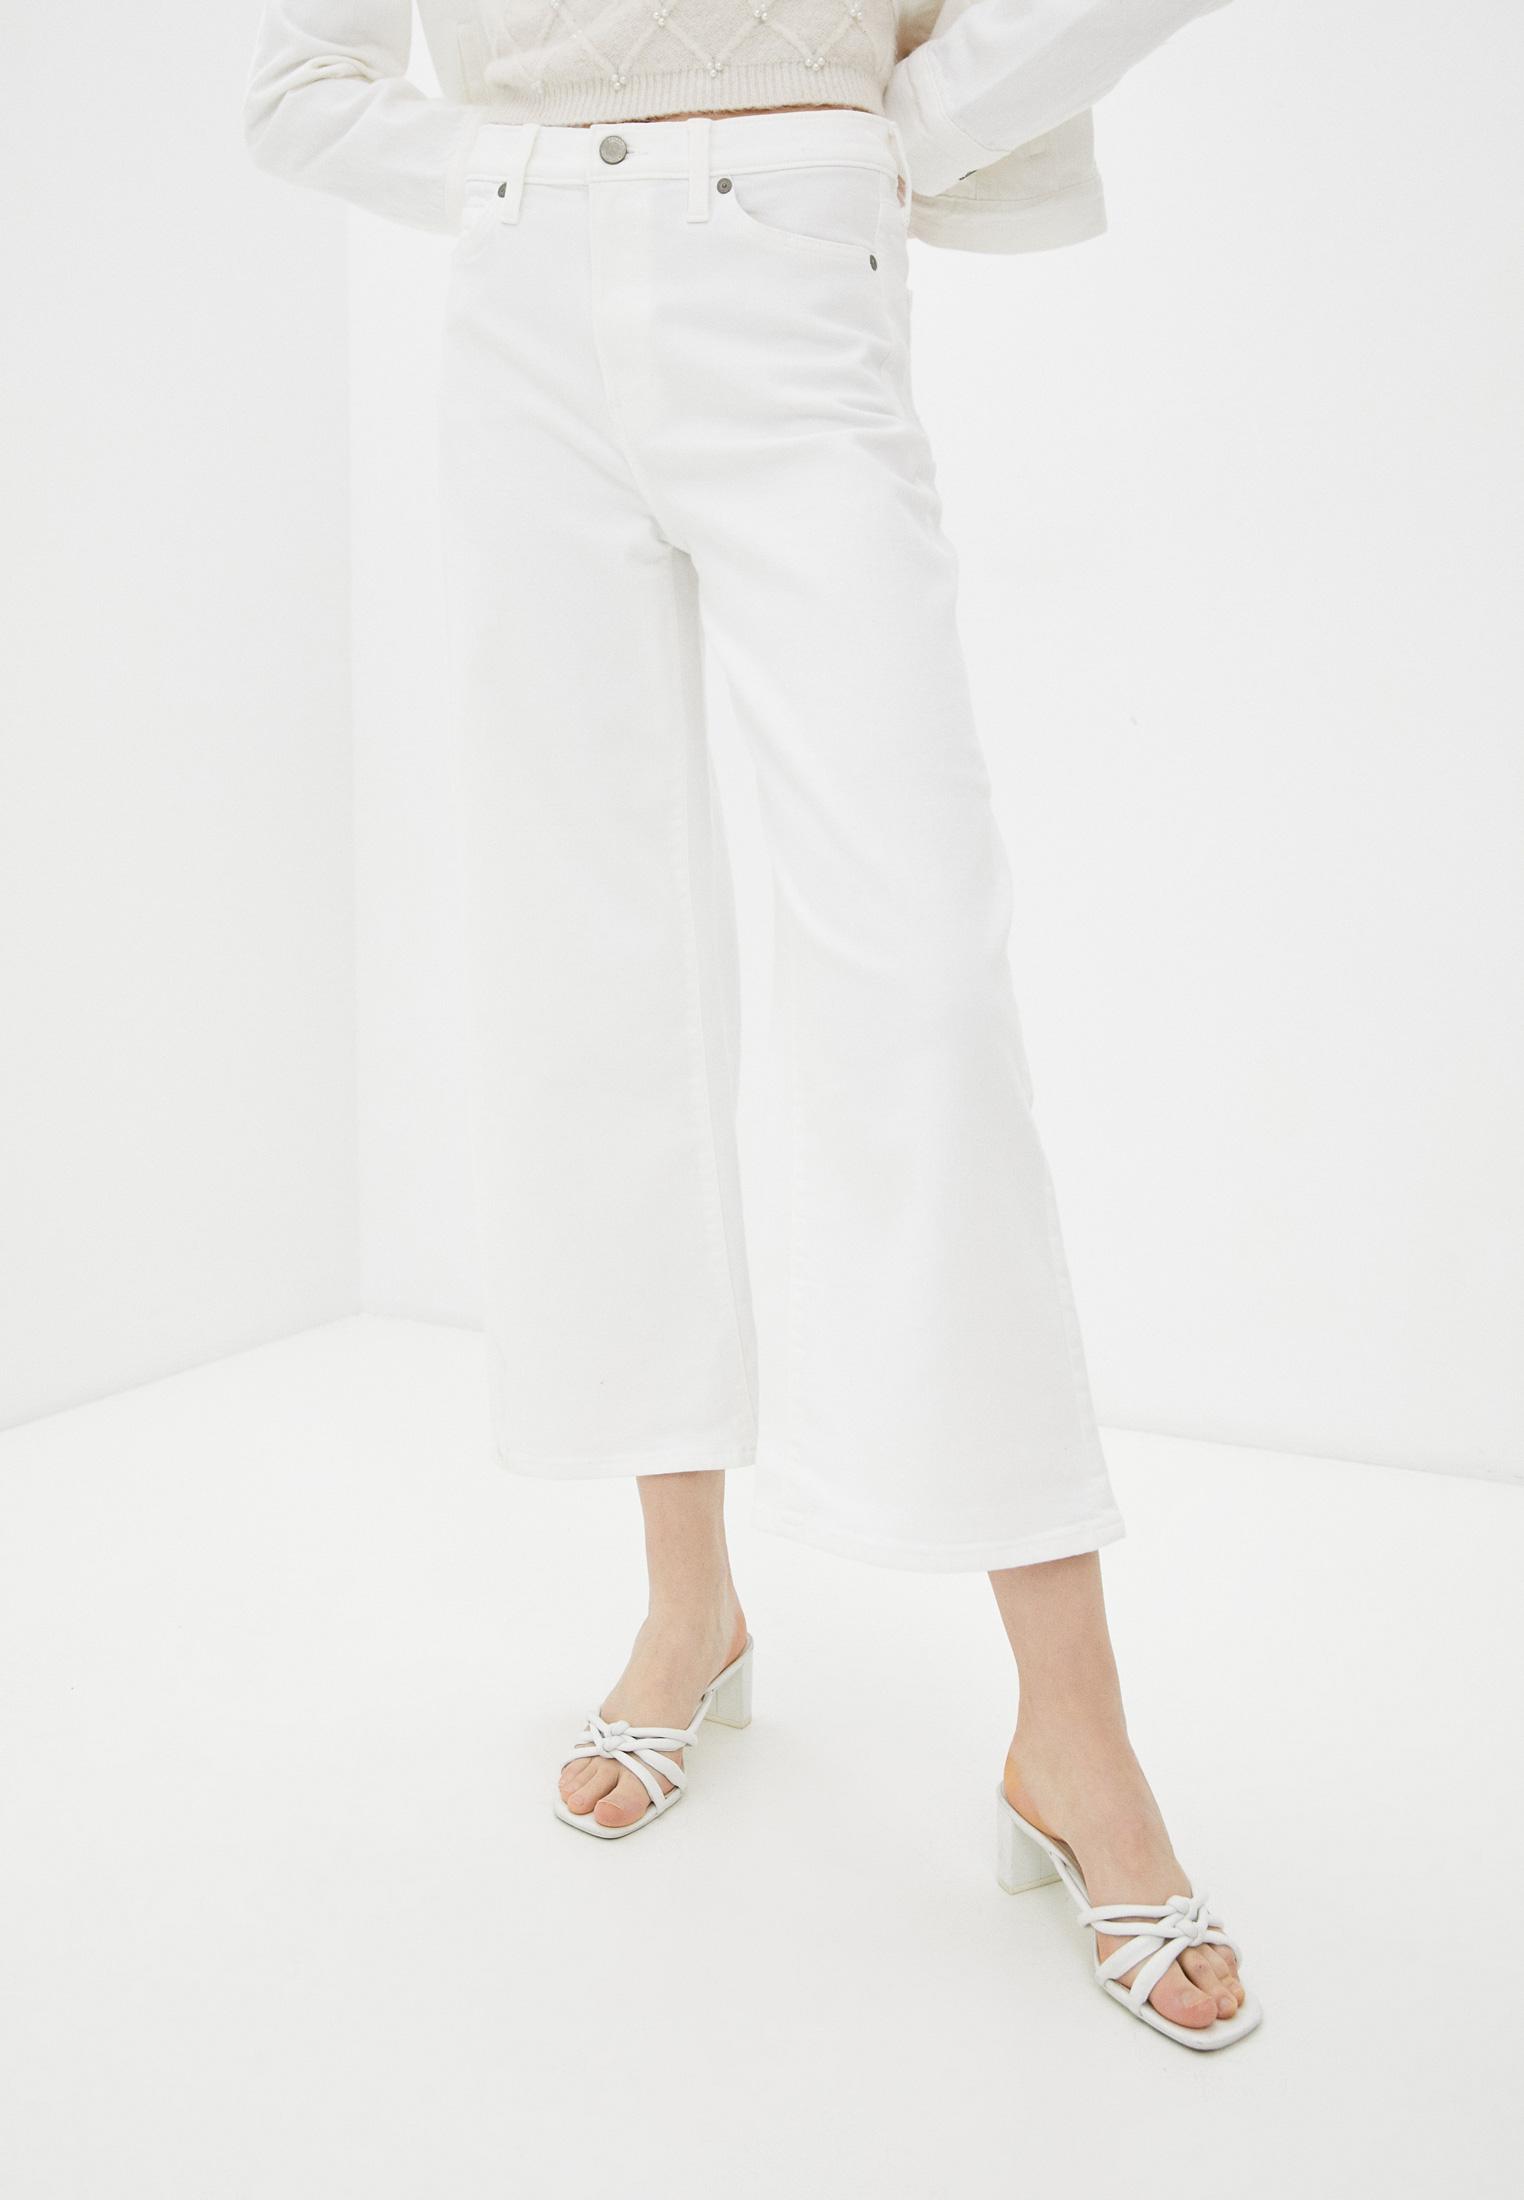 Женские широкие и расклешенные брюки Banana Republic (Банана Репаблик) Брюки Banana Republic